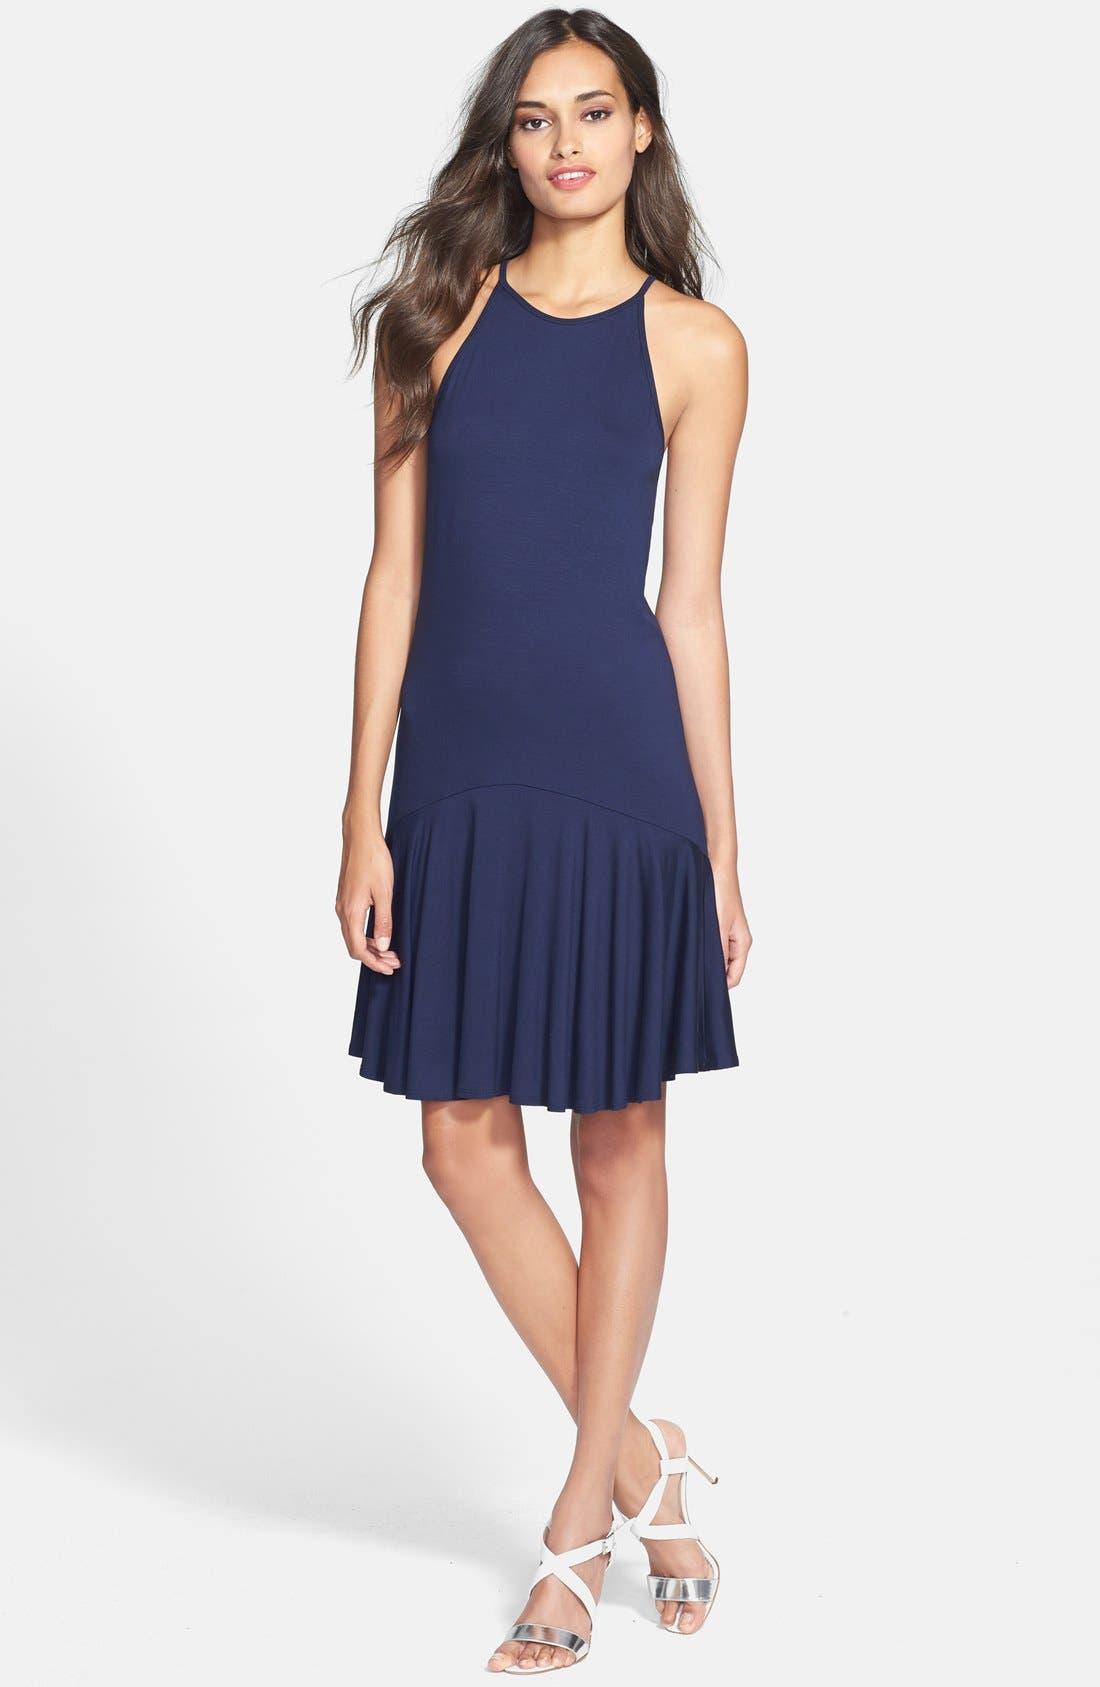 Alternate Image 1 Selected - Trina Turk 'Glenna' Jersey A-Line Dress